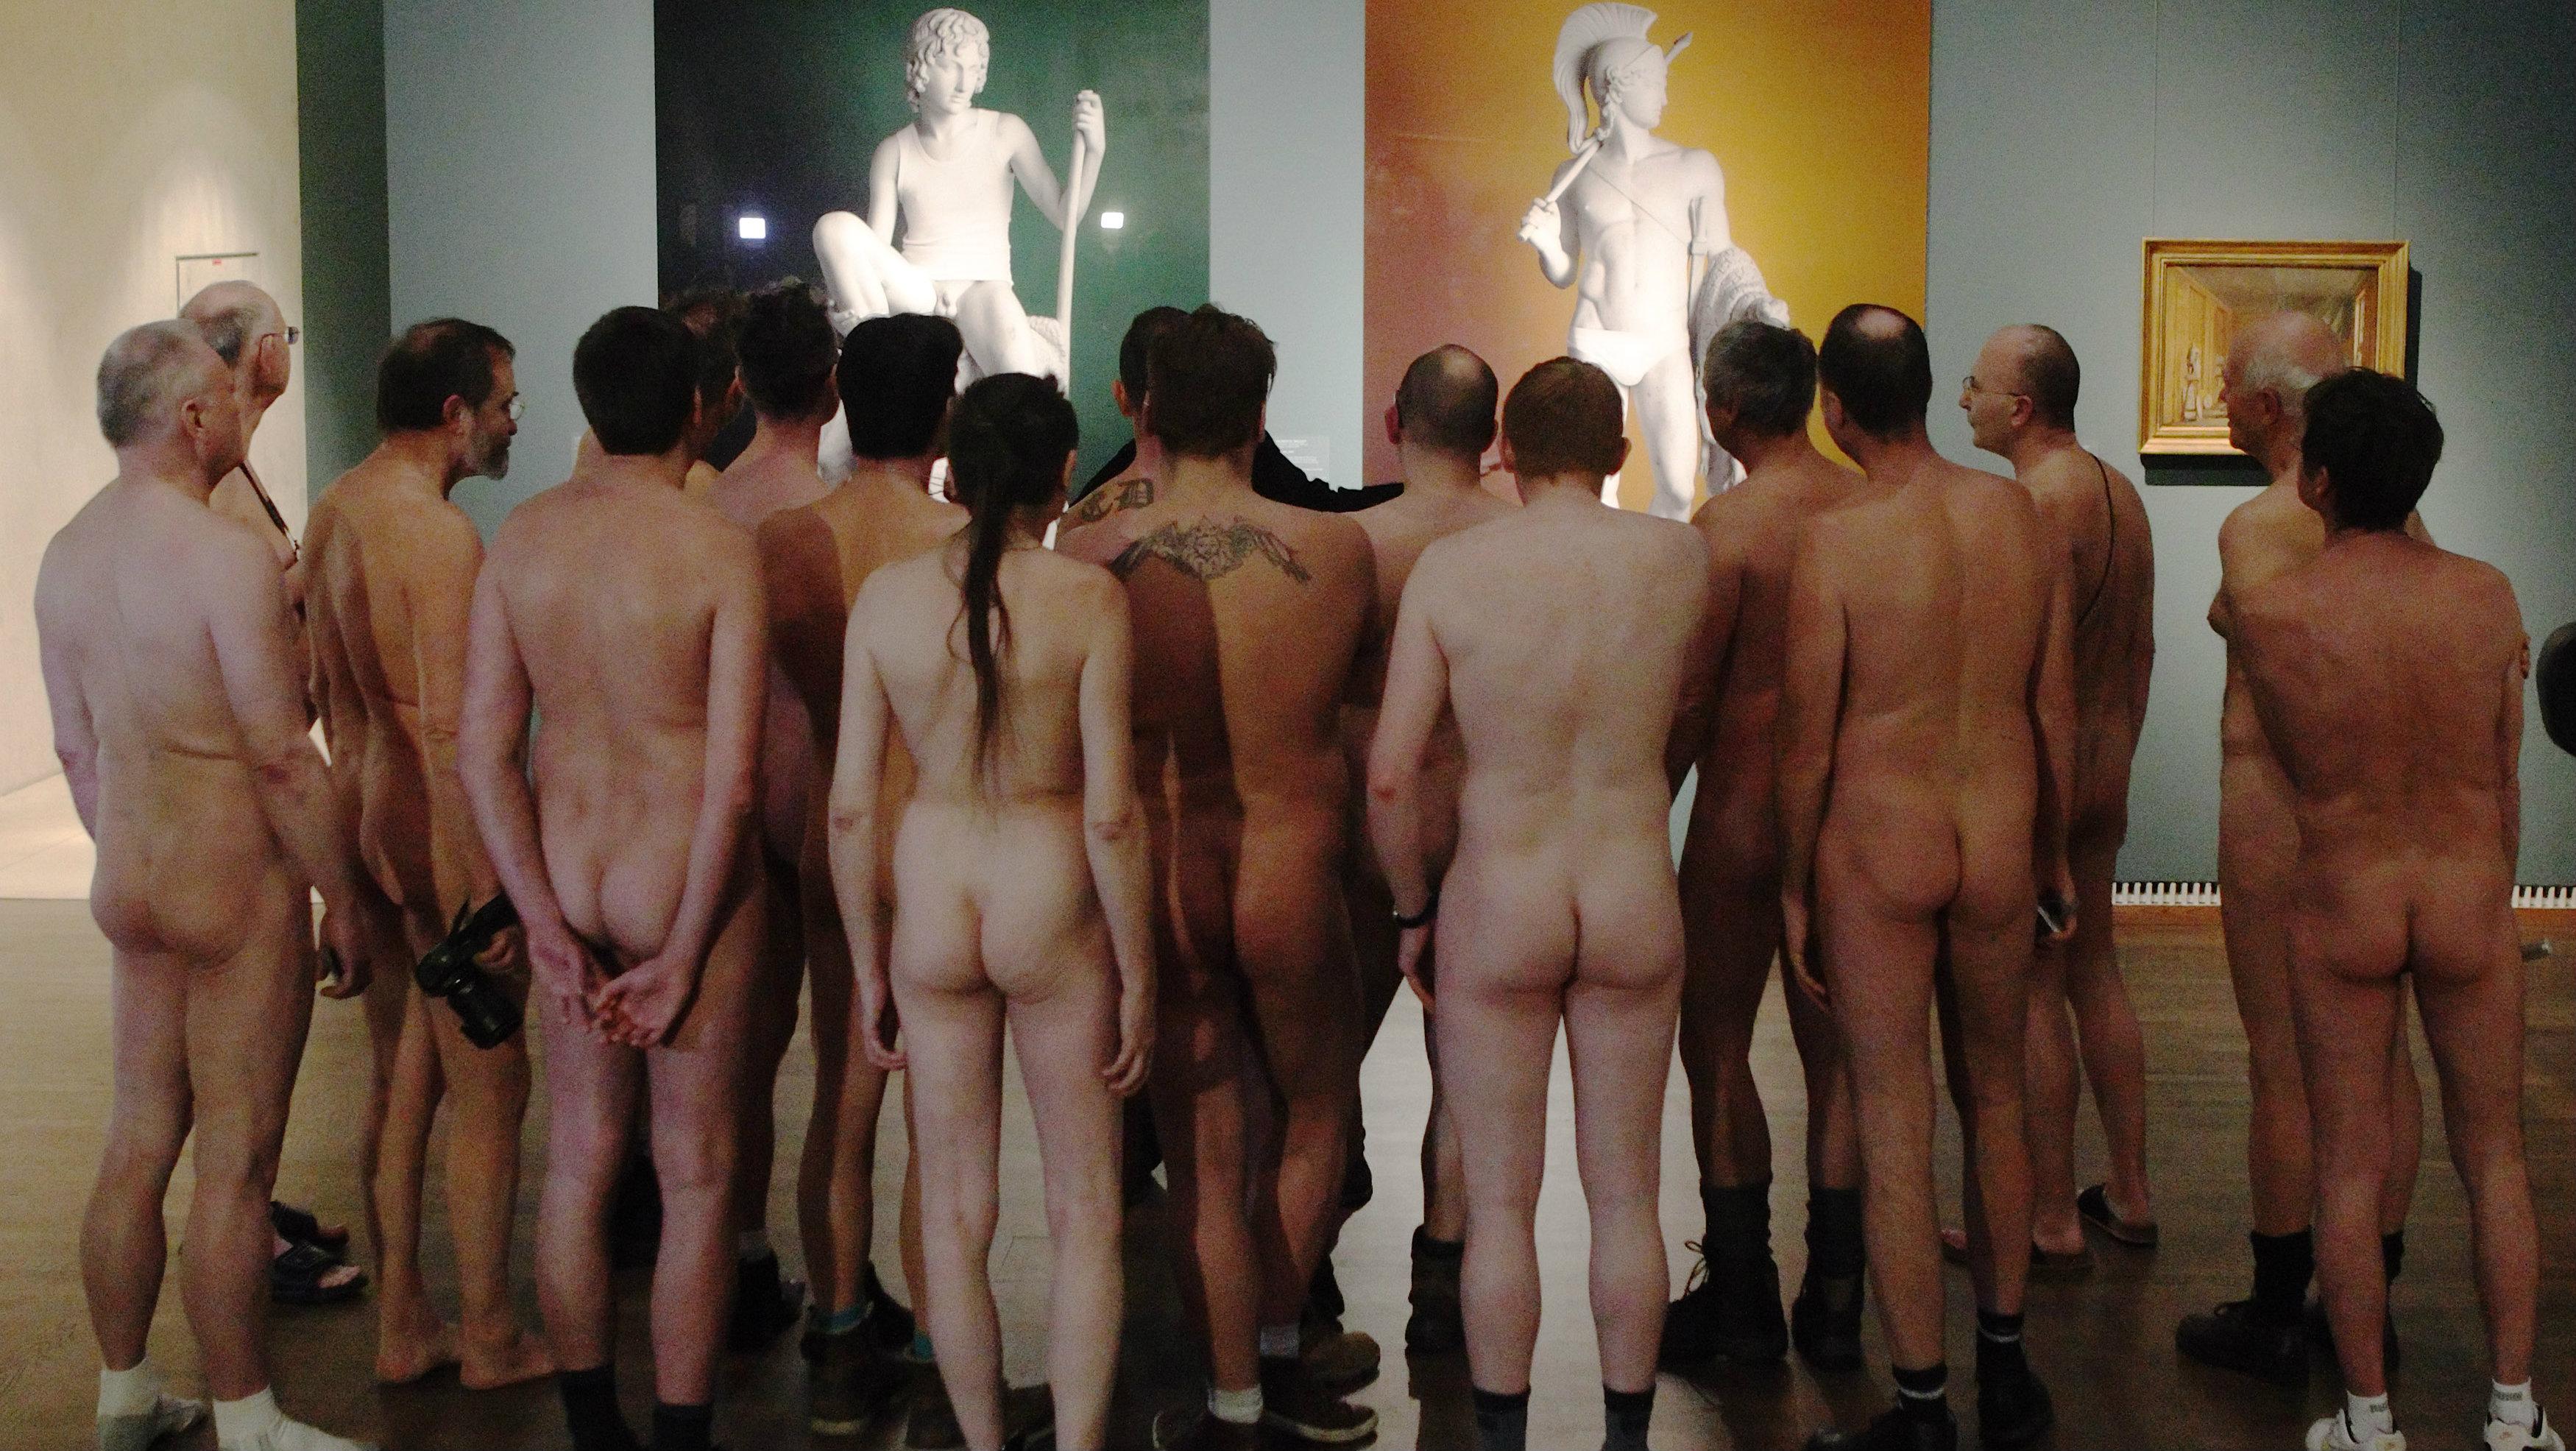 golie-devchonki-v-muzee-eroticheskie-fotografii-hotel